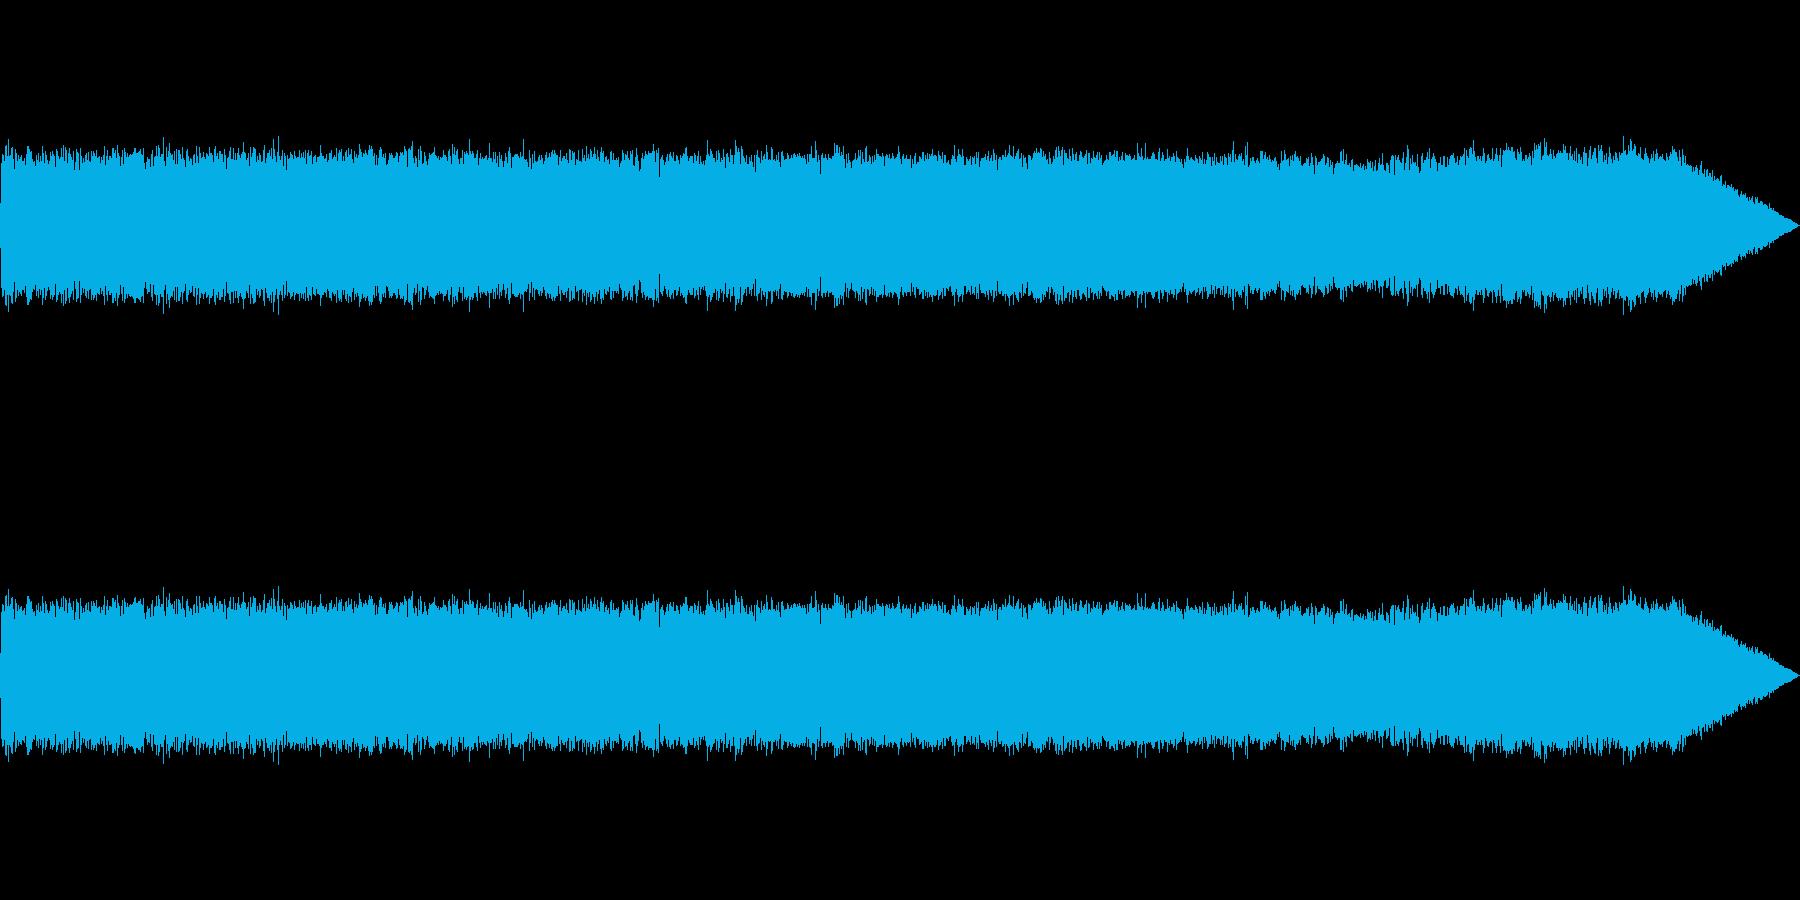 【生録音】ギターアンプノイズ02の再生済みの波形